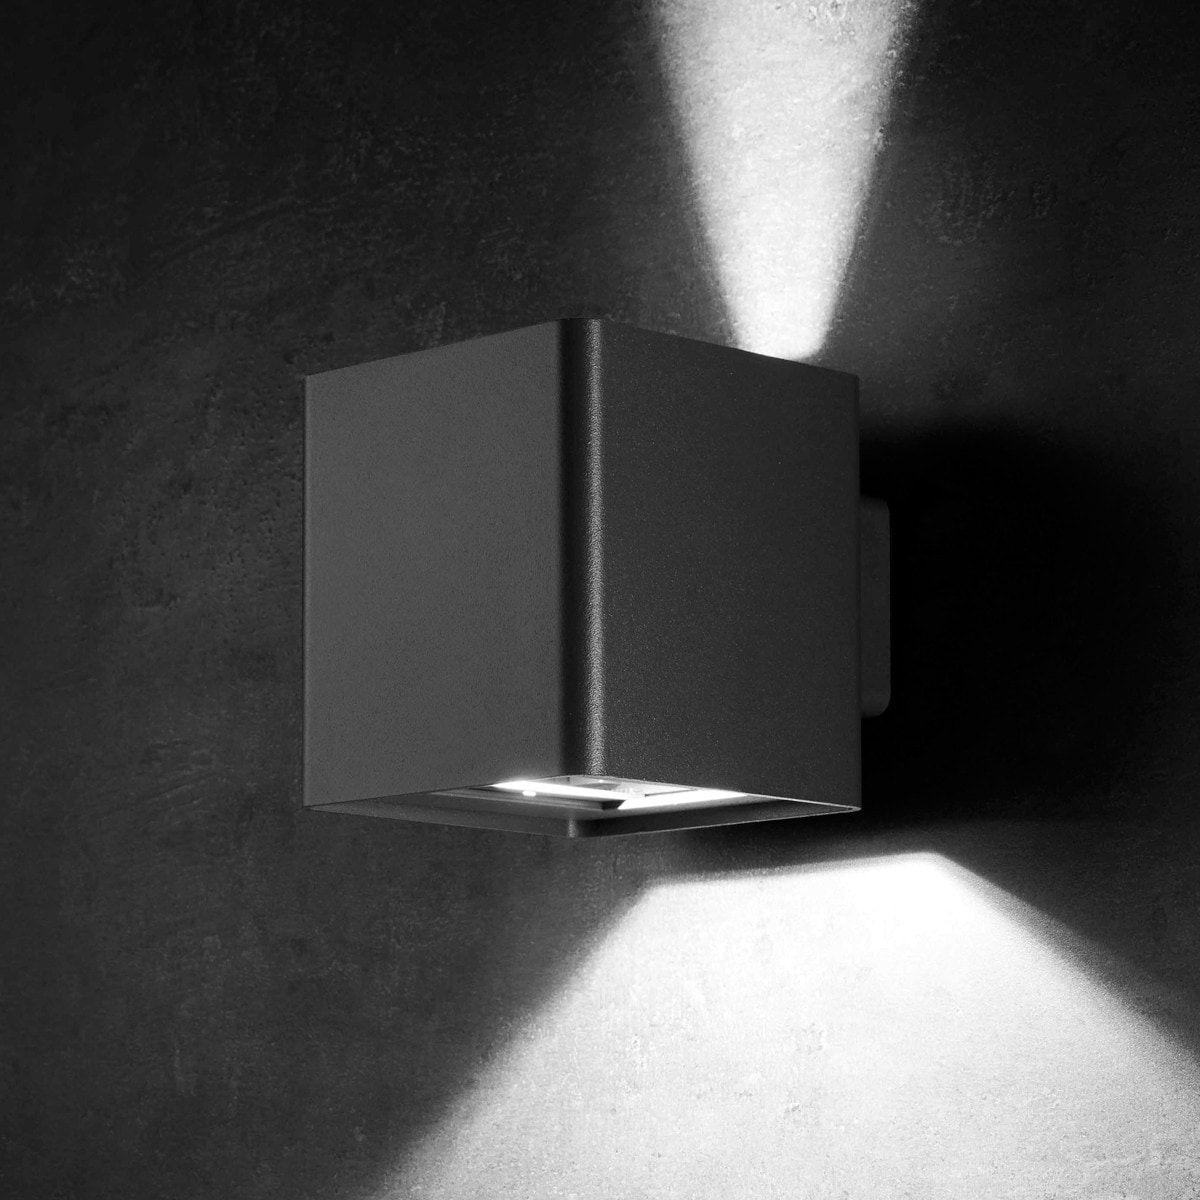 Aussenleuchten Wand Mit Bewegungsmelder Aussenleuchte Strahler Aussenbeleuchtung Mit Bewegungsmelder Solar Aussenleuchte Led Aussenwandleuchte Led Stehleuchte